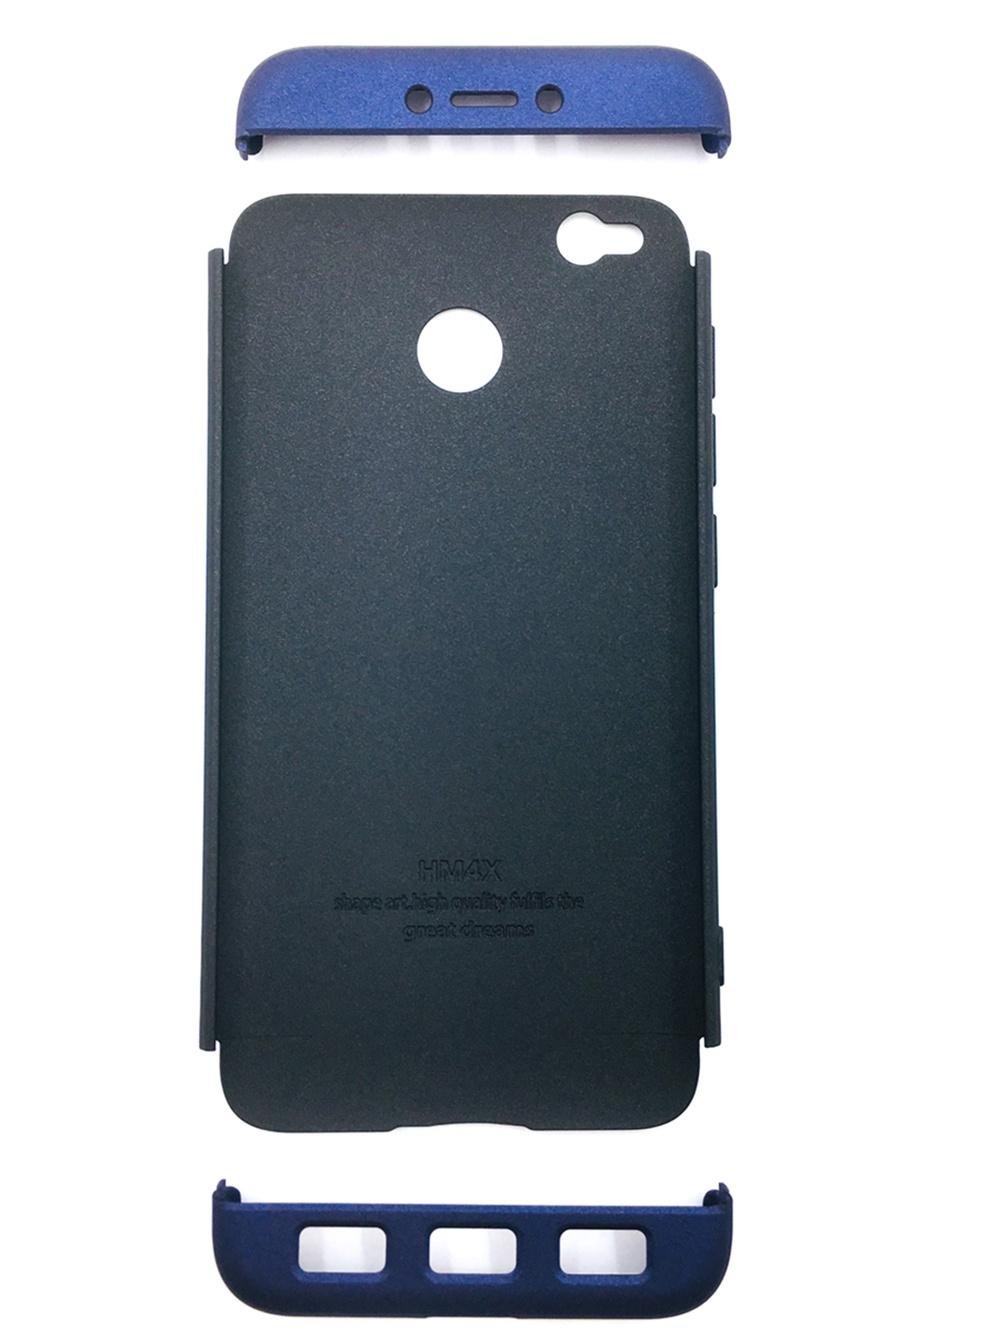 Чехол для сотового телефона Мобильная мода Xiaomi Redmi 4X Накладка пластиковая, противоударная, пенал, передняя и задняя часть, 6734A, черный (7126)